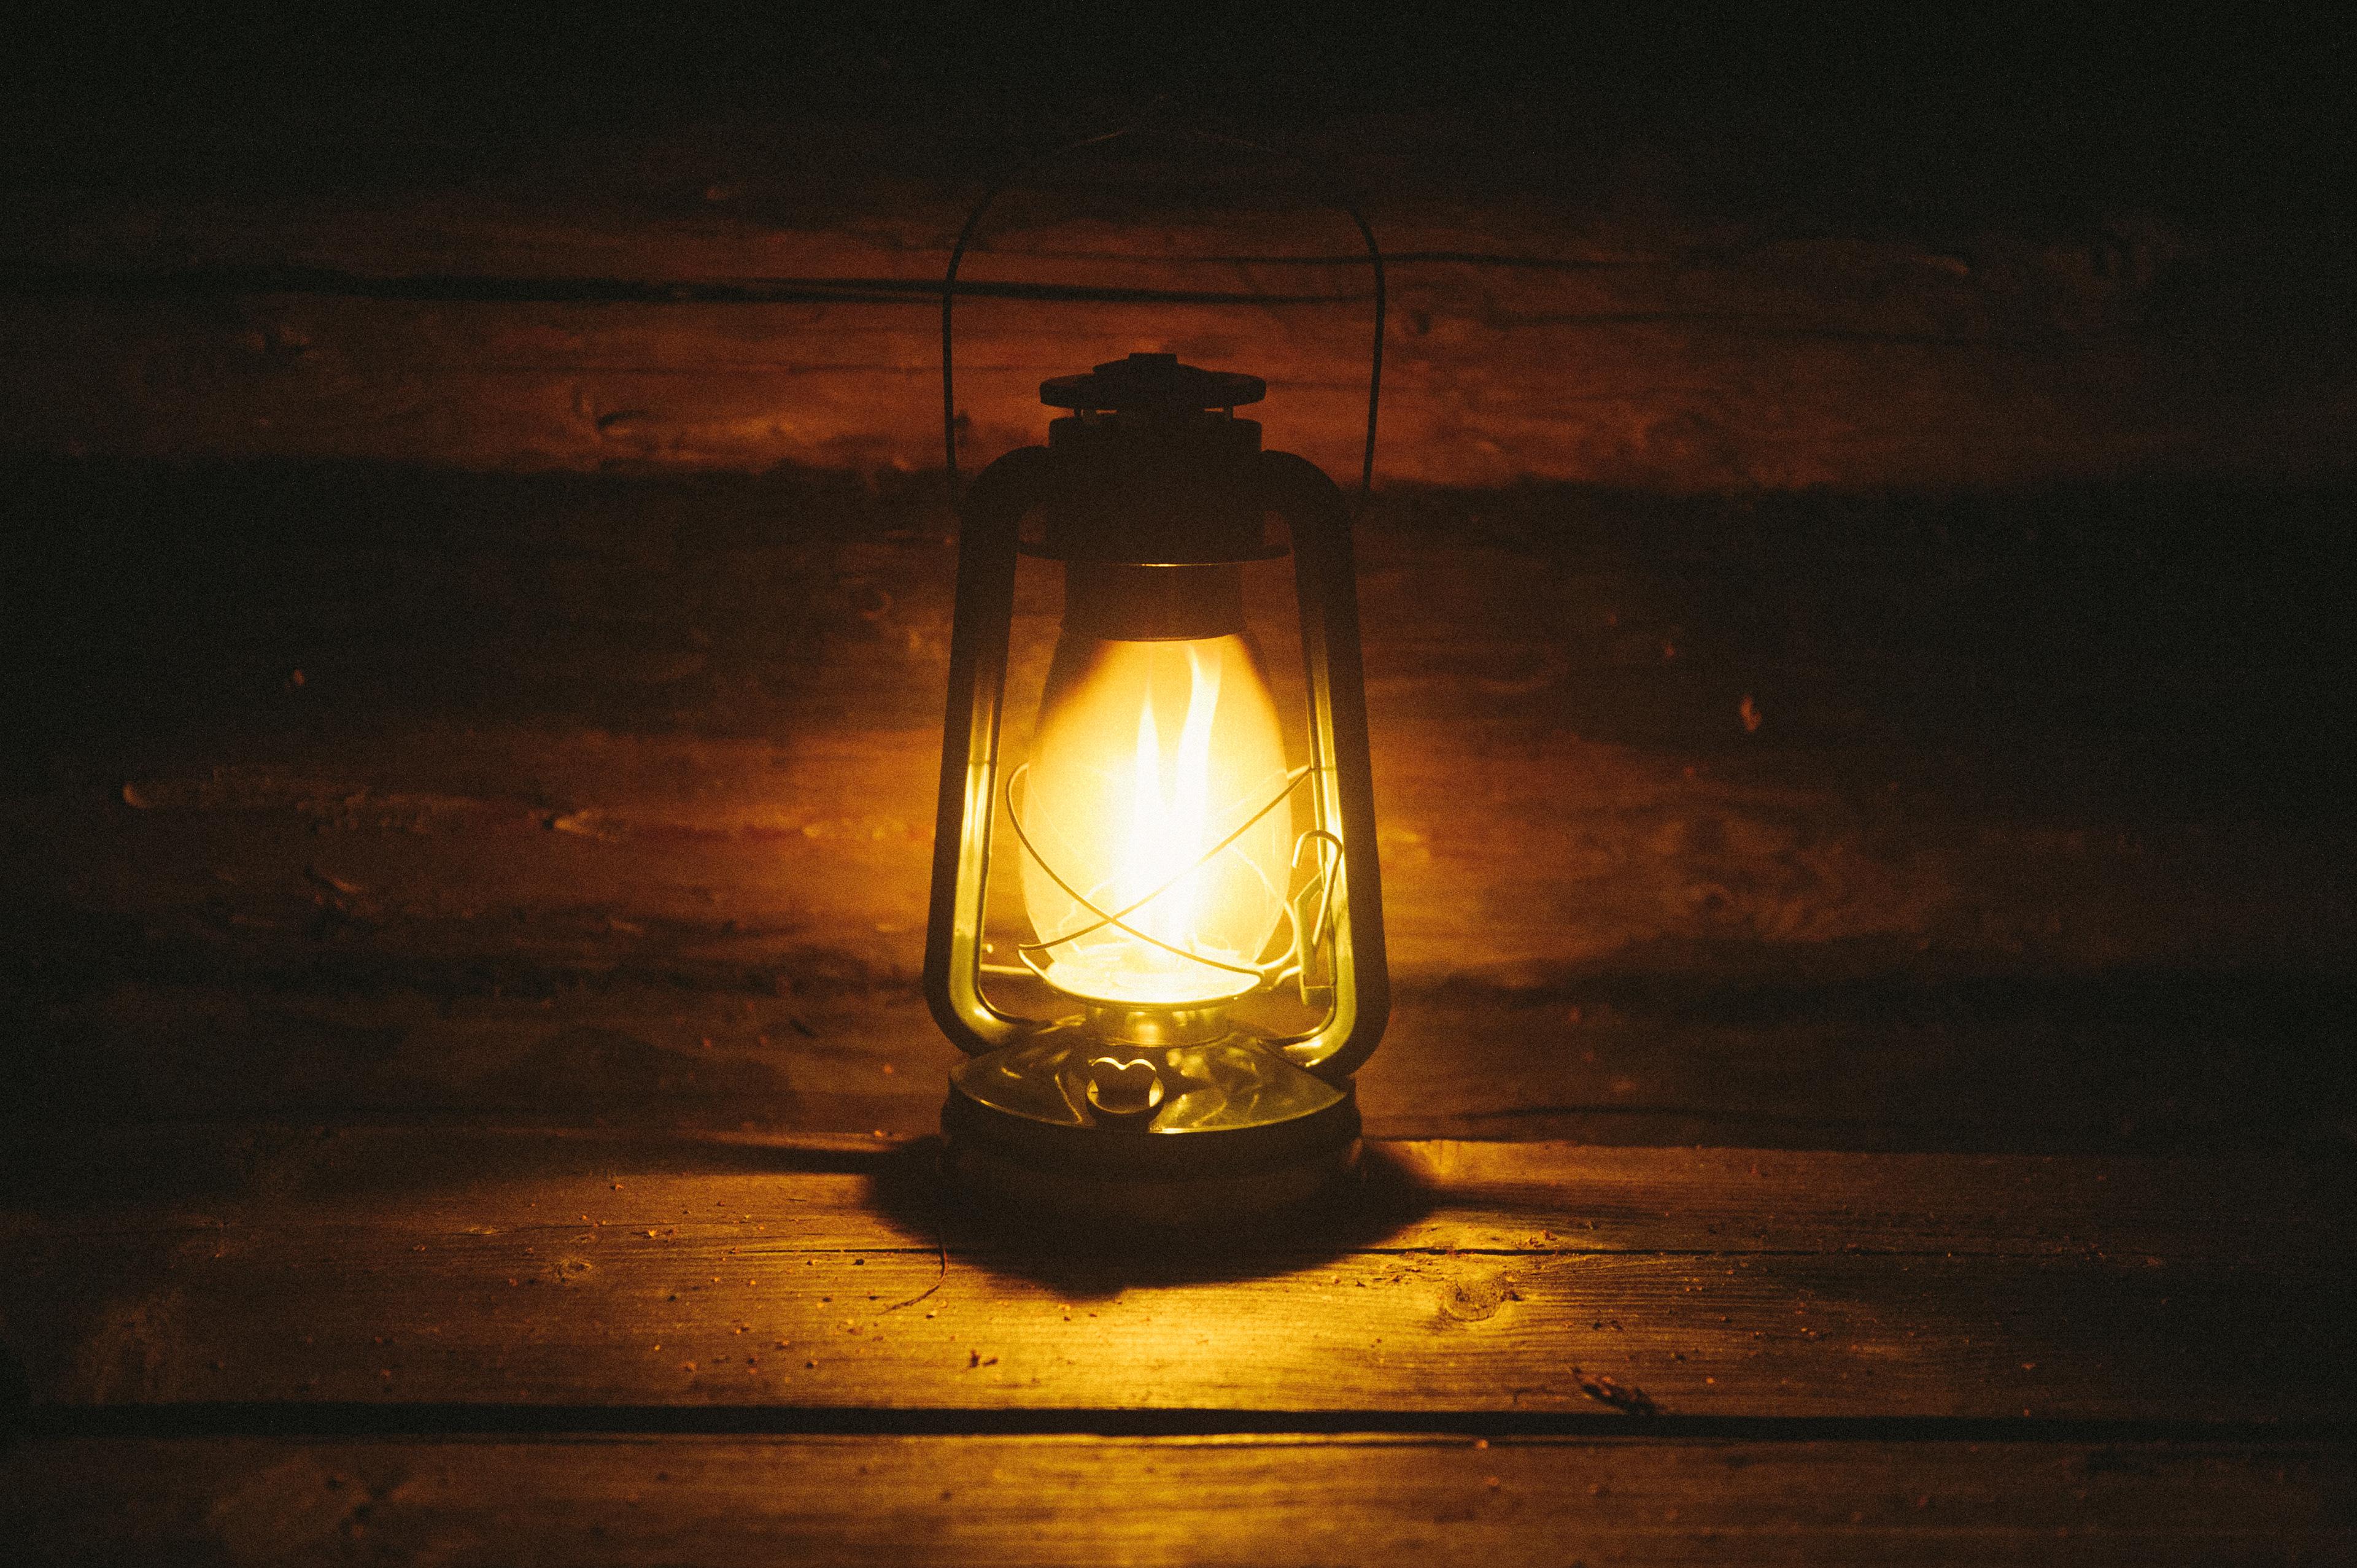 картинка фонарь во тьме фасадной конструкции под